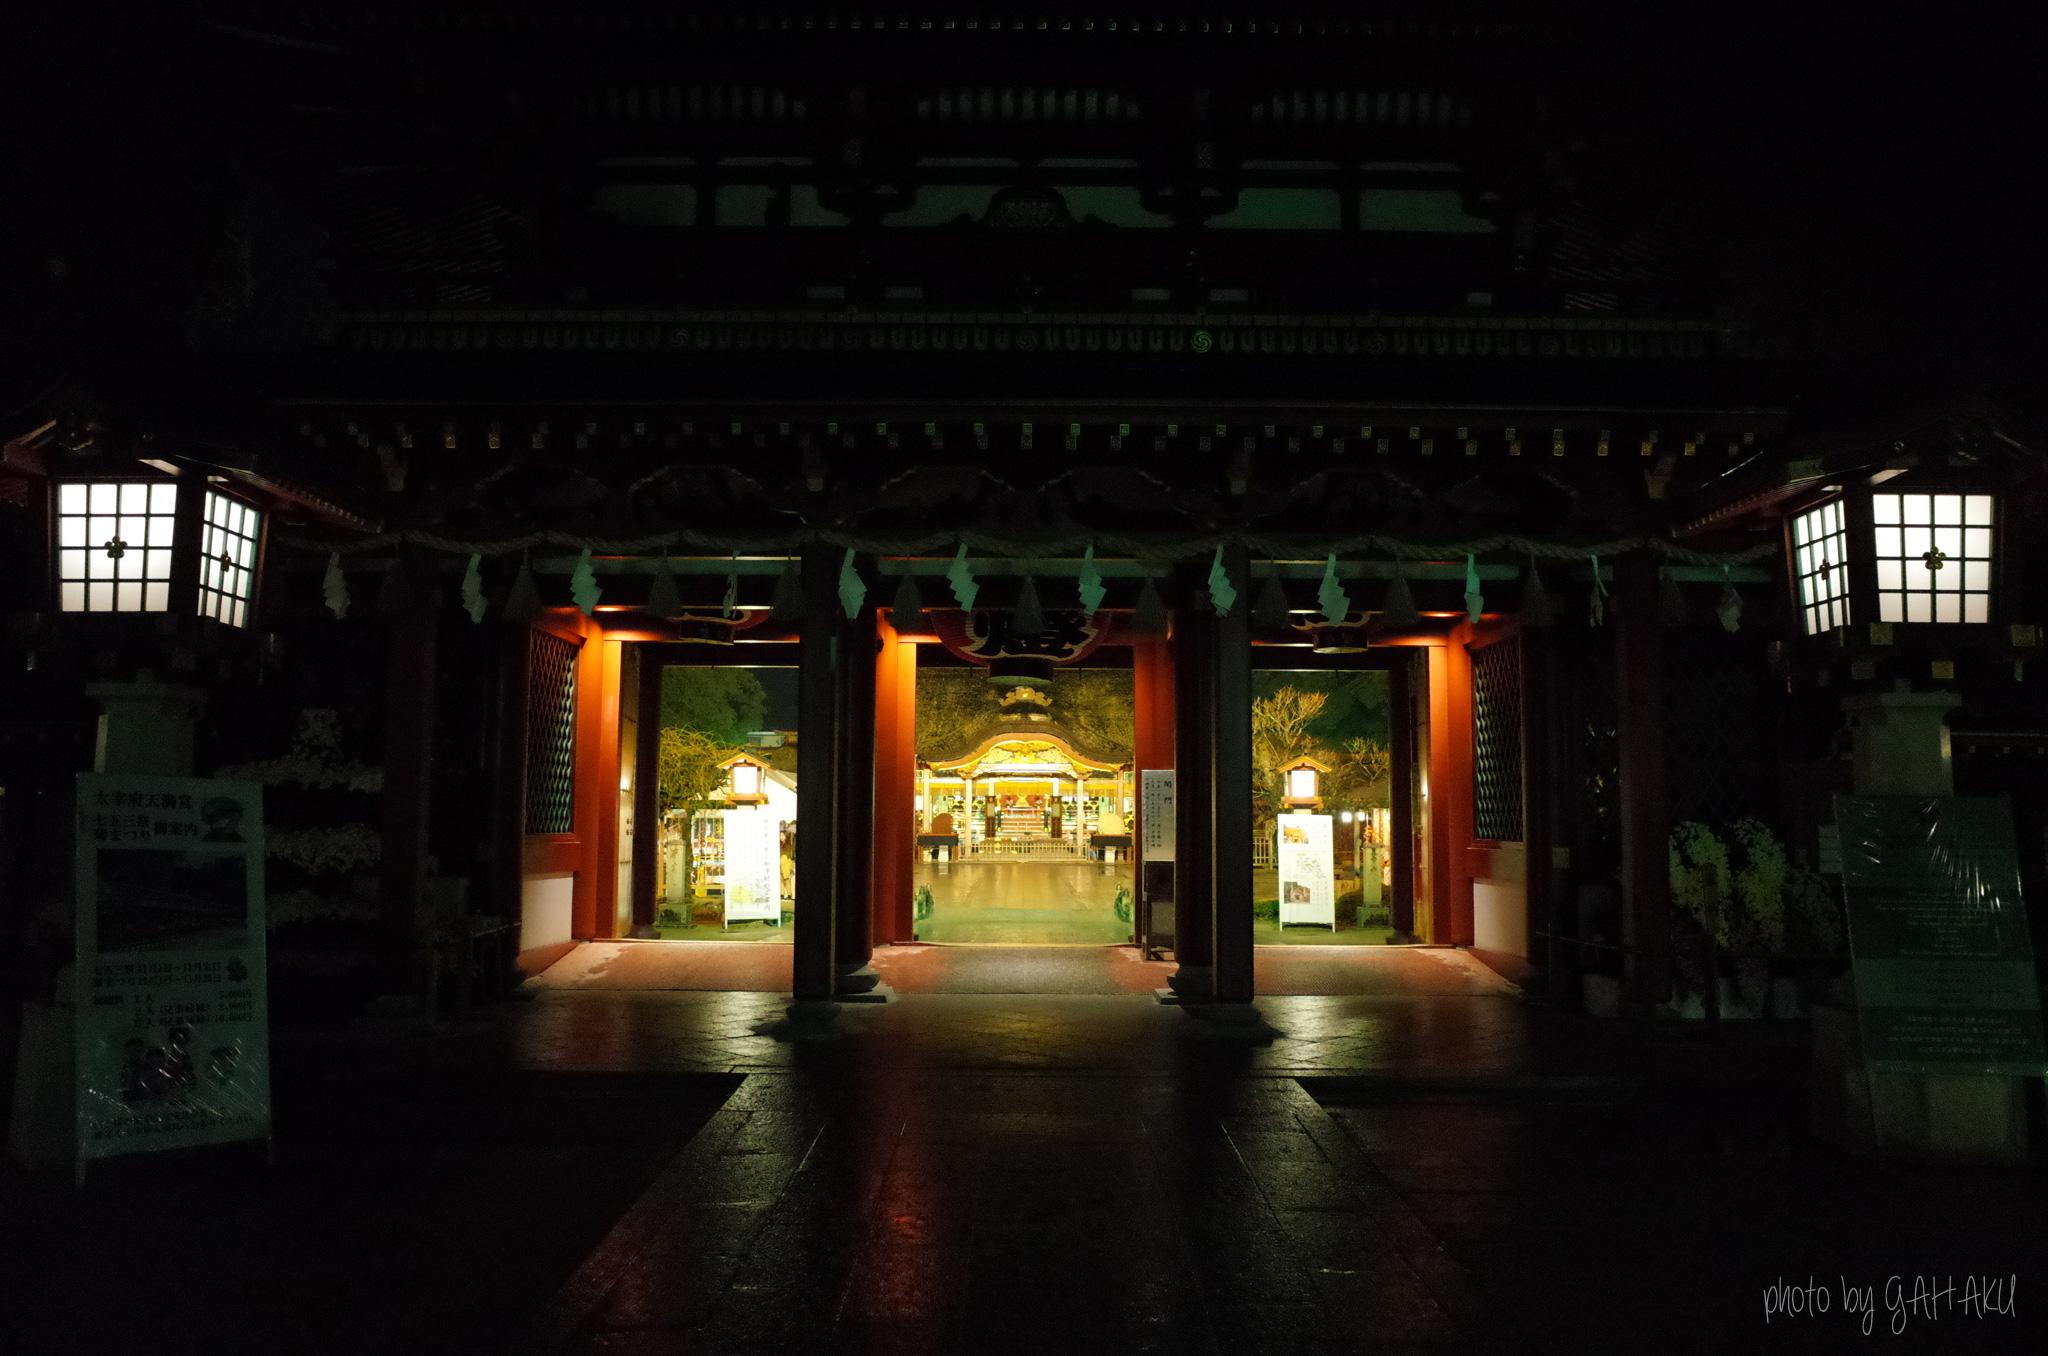 夜の神社 Ricoh GR